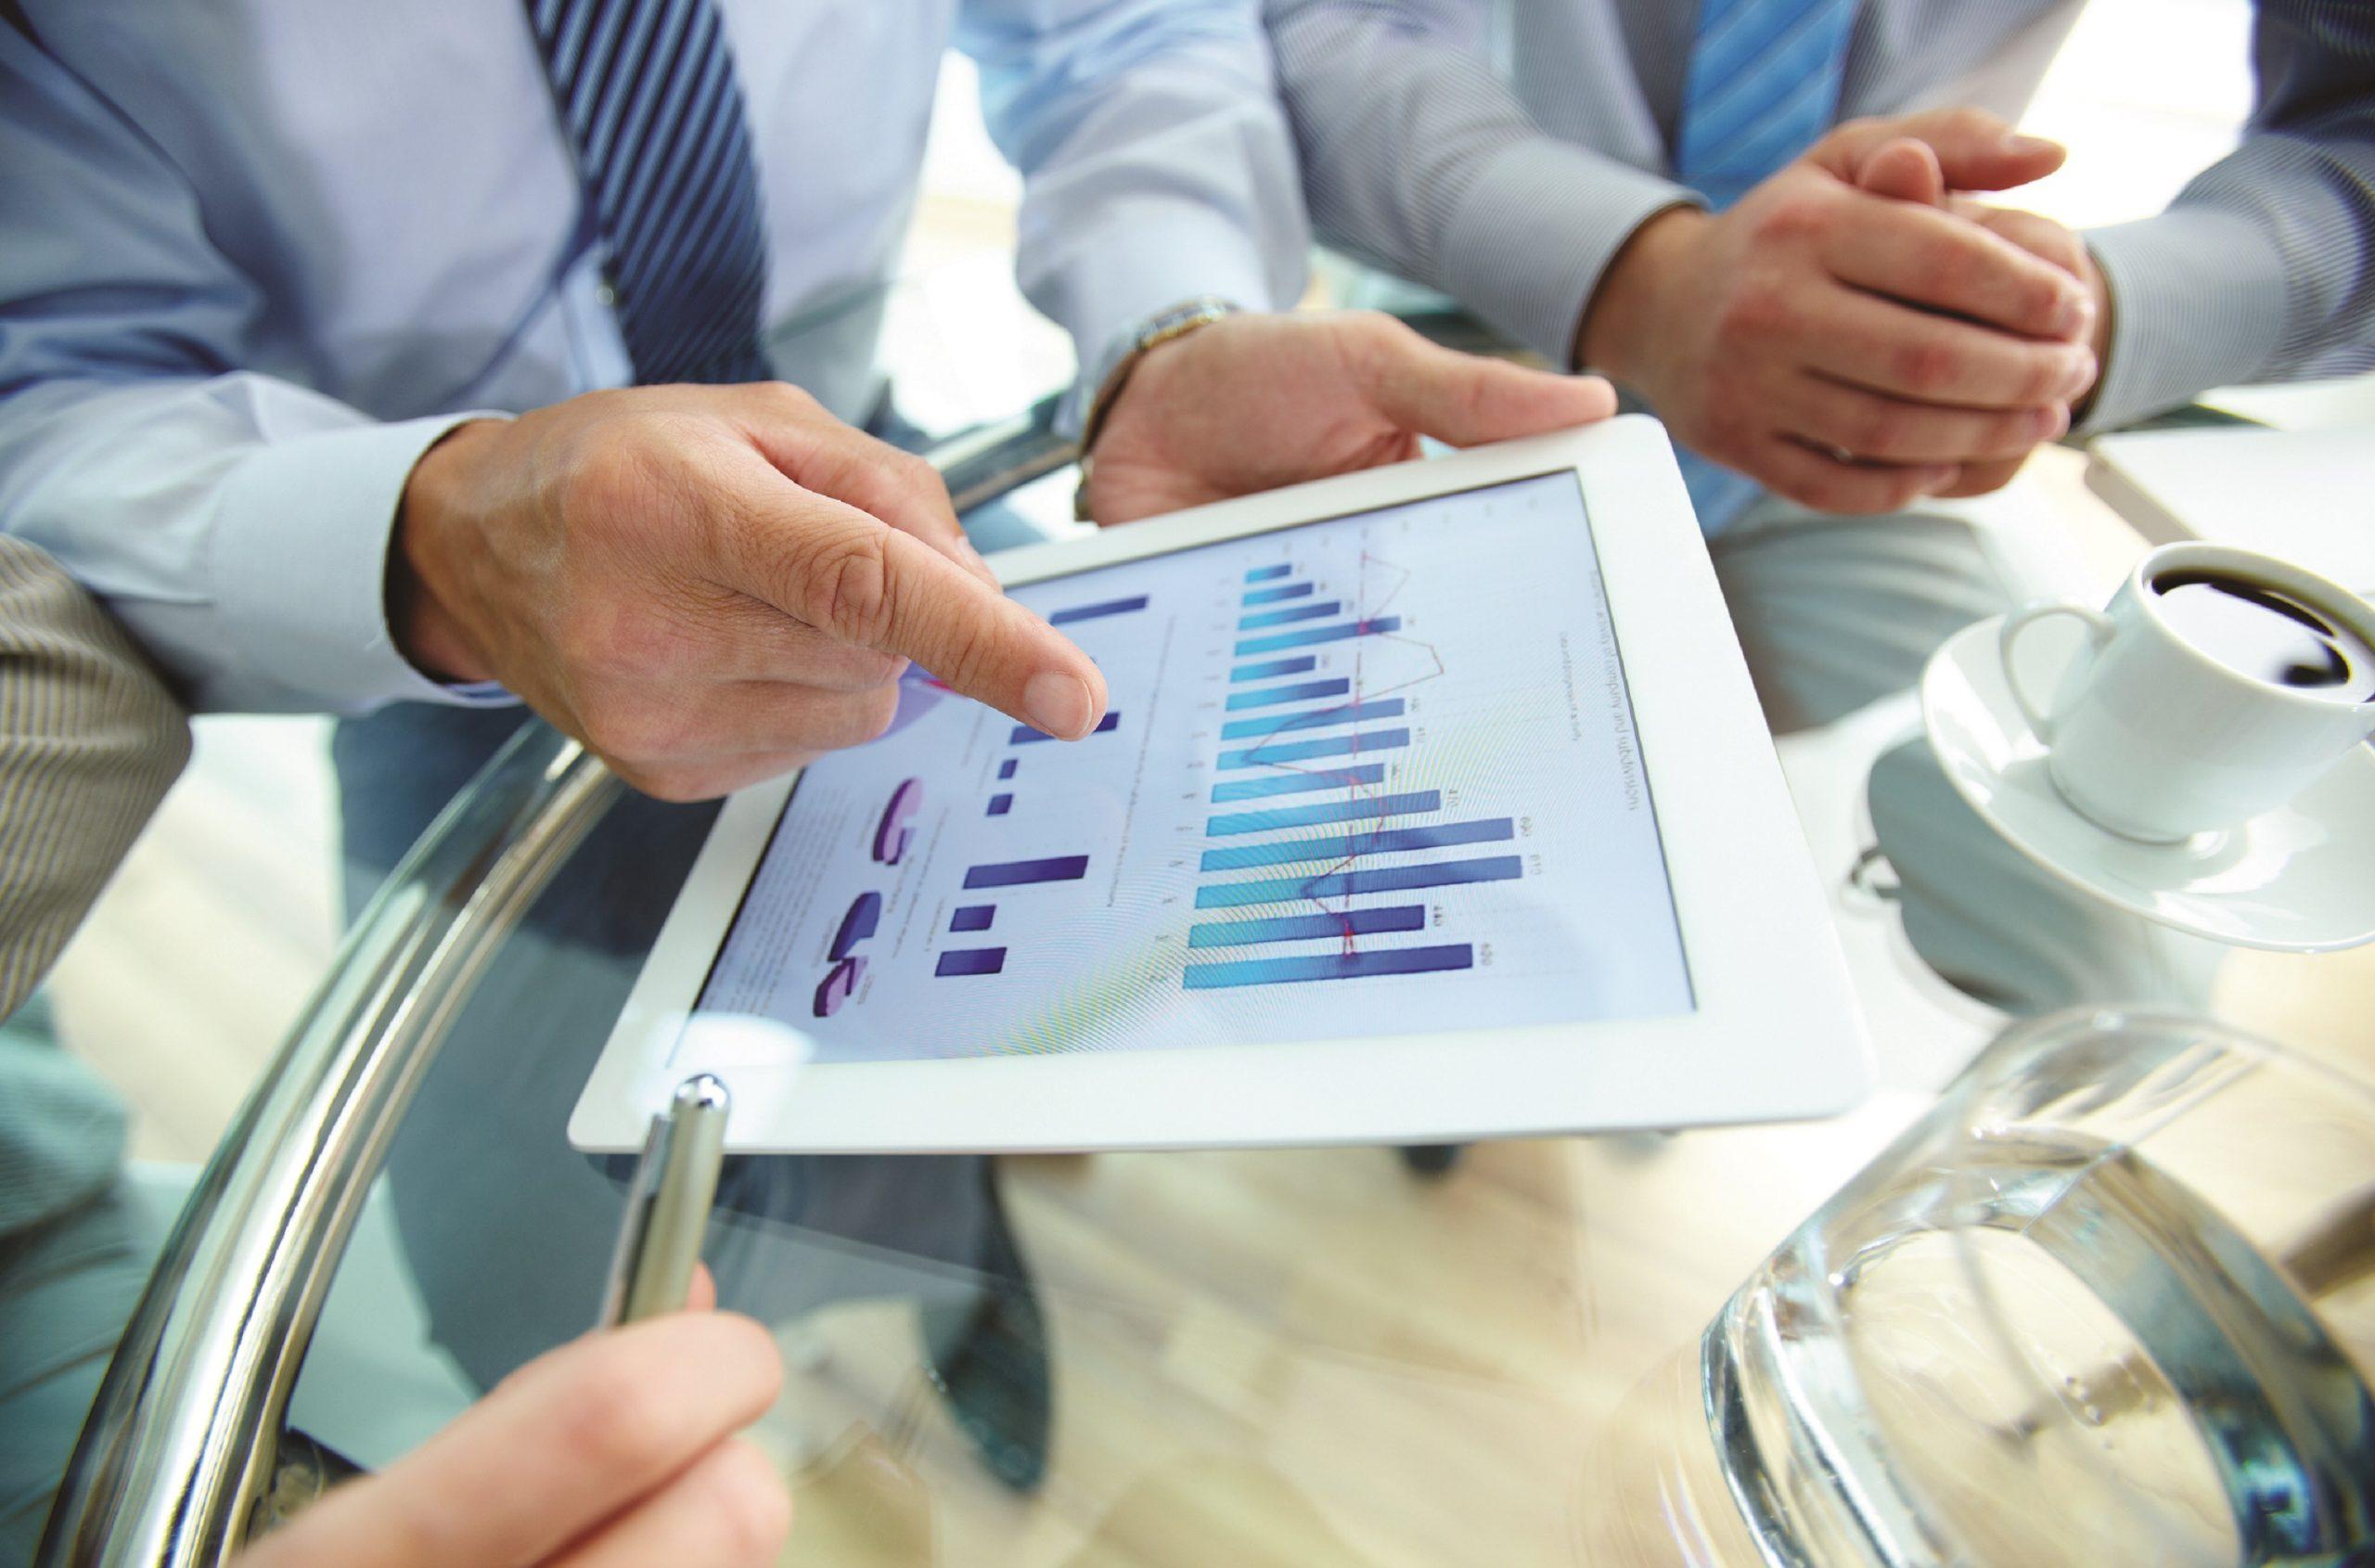 مروری بر مفهوم پول هوشمند در بازارهای مالی